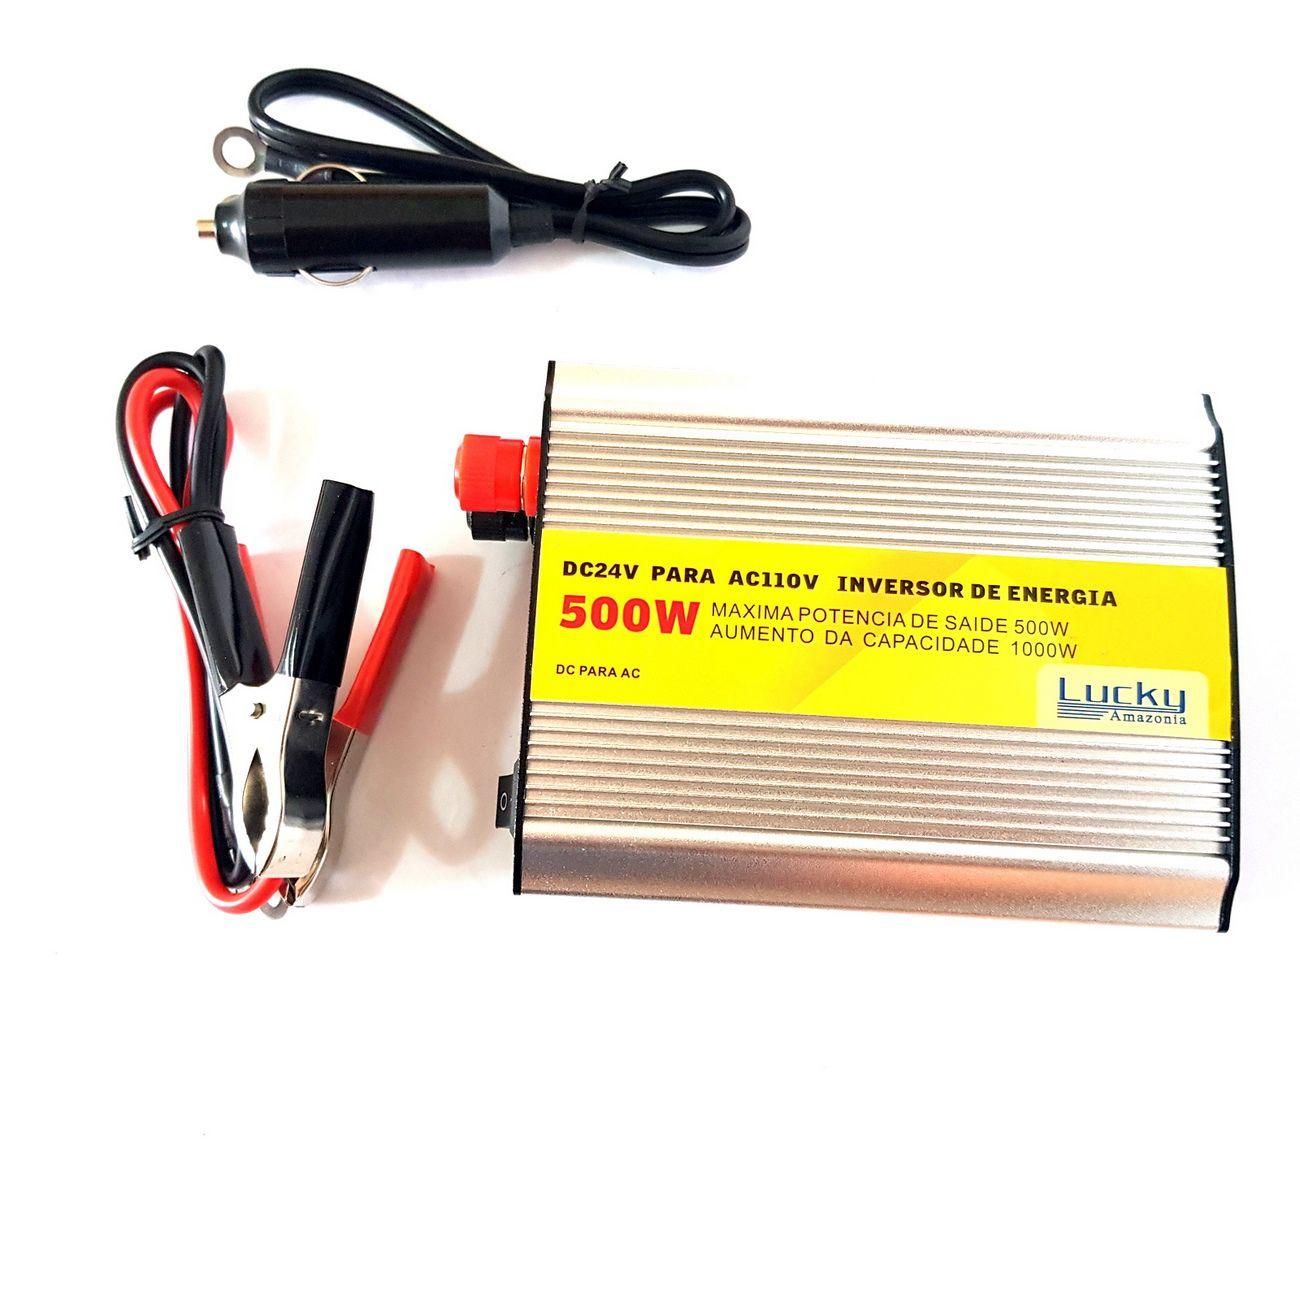 Inversor Transformador Conversor 500w Veicular 24v 110v+ Usb